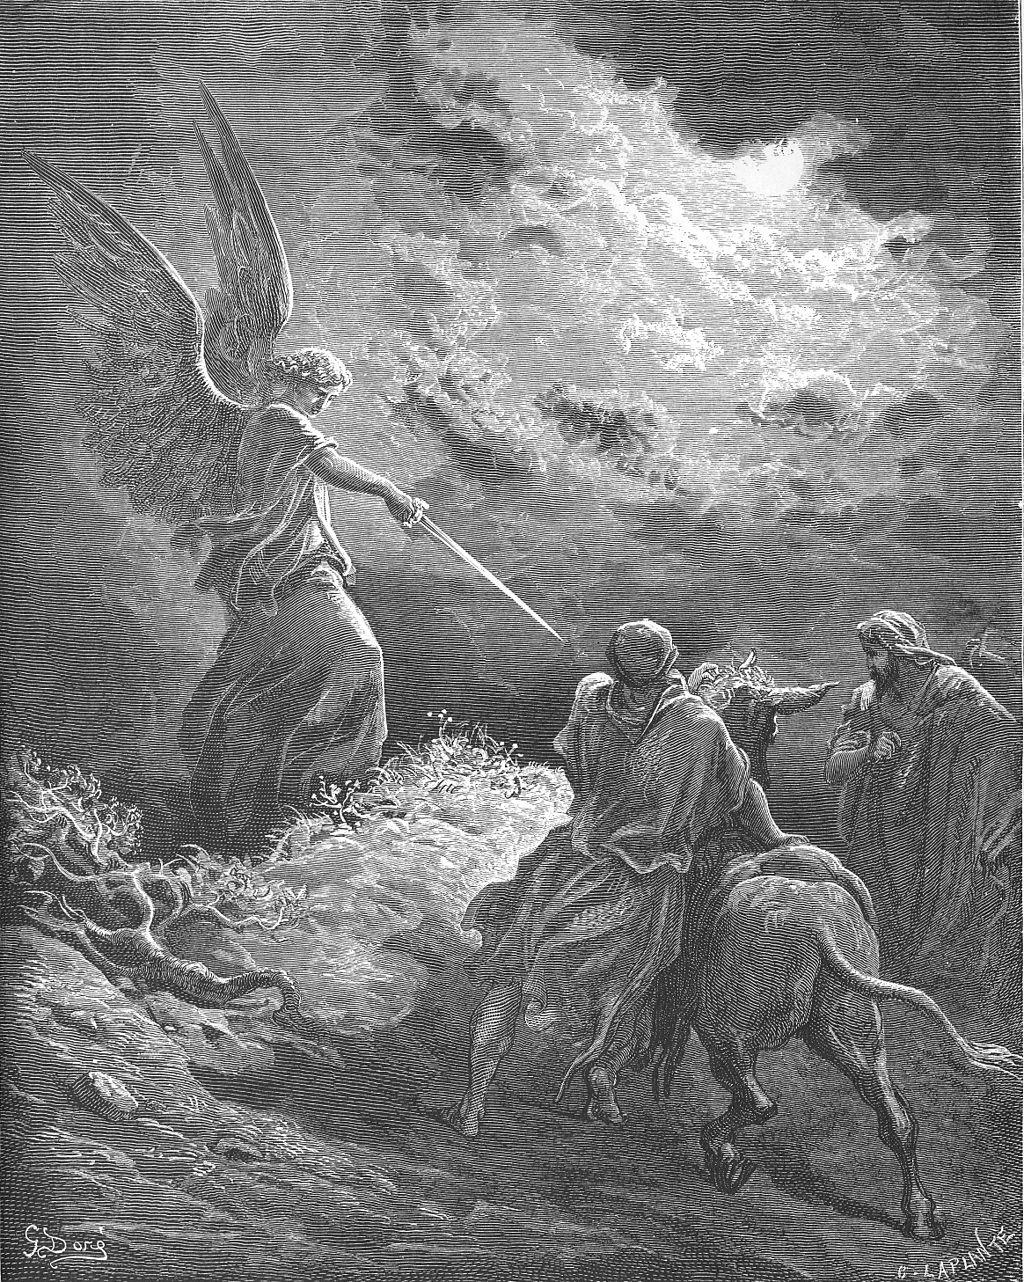 발람에게 나타난 천사 (귀스타브 도레, Gustave Doré, 1866년)